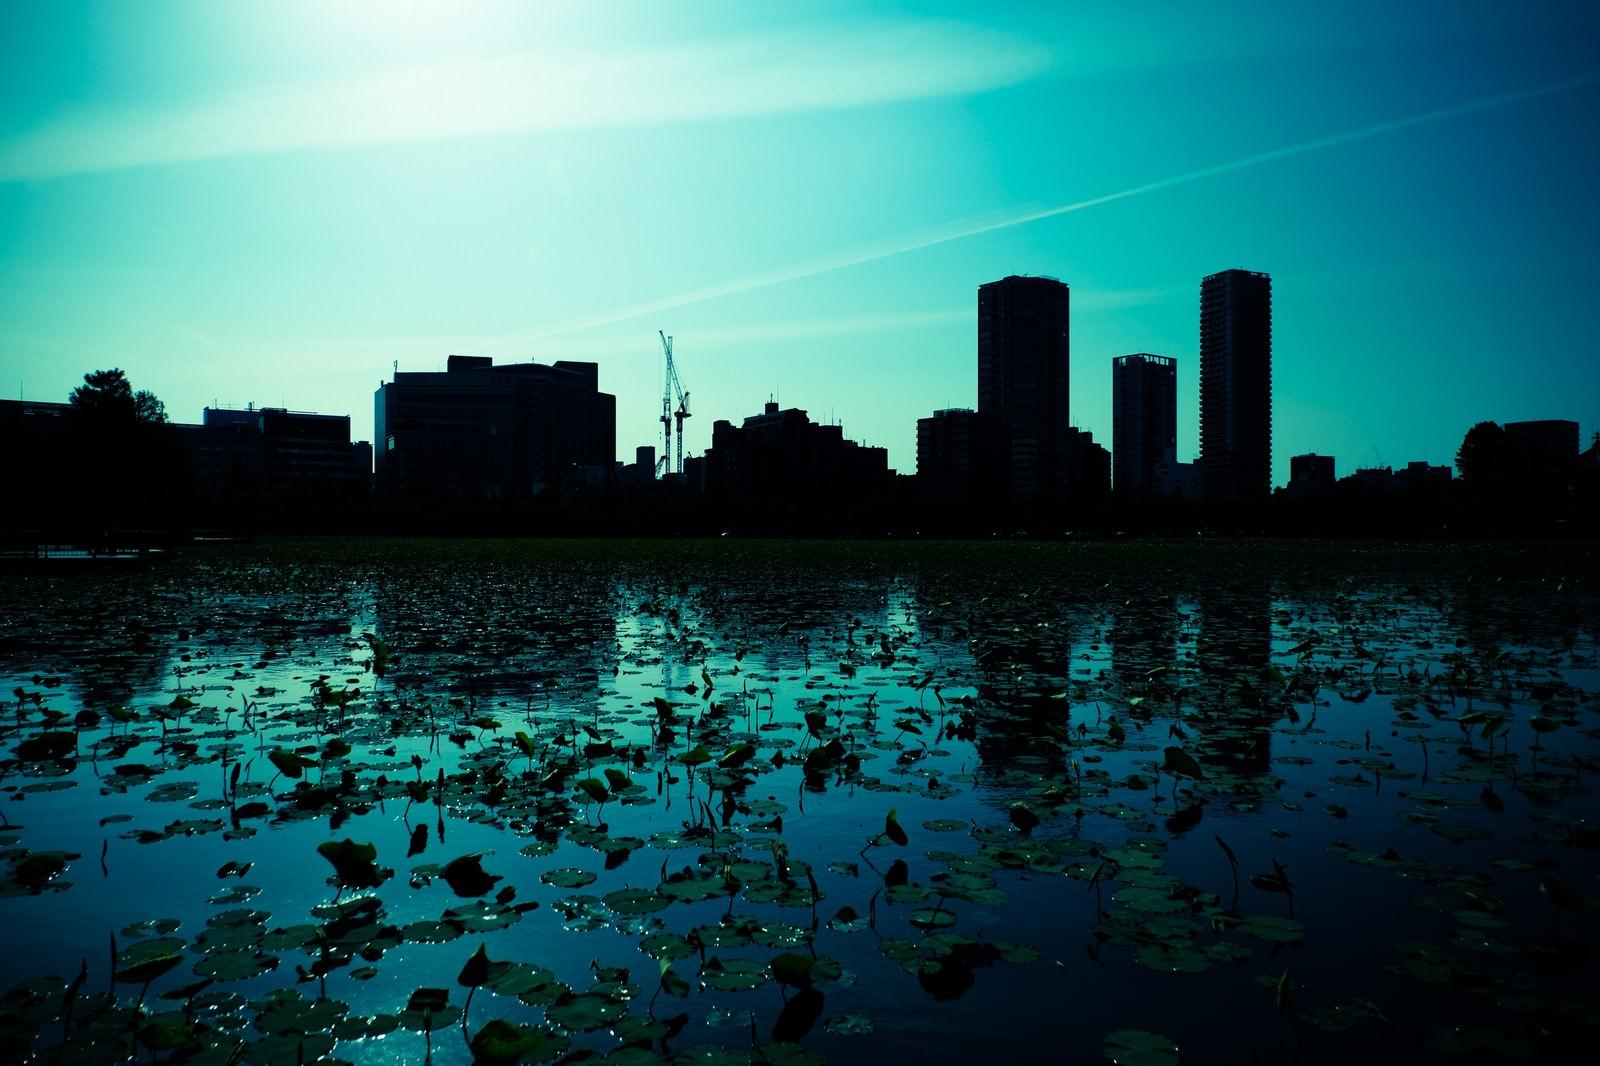 「蓮の池と都会のシルエット」の写真